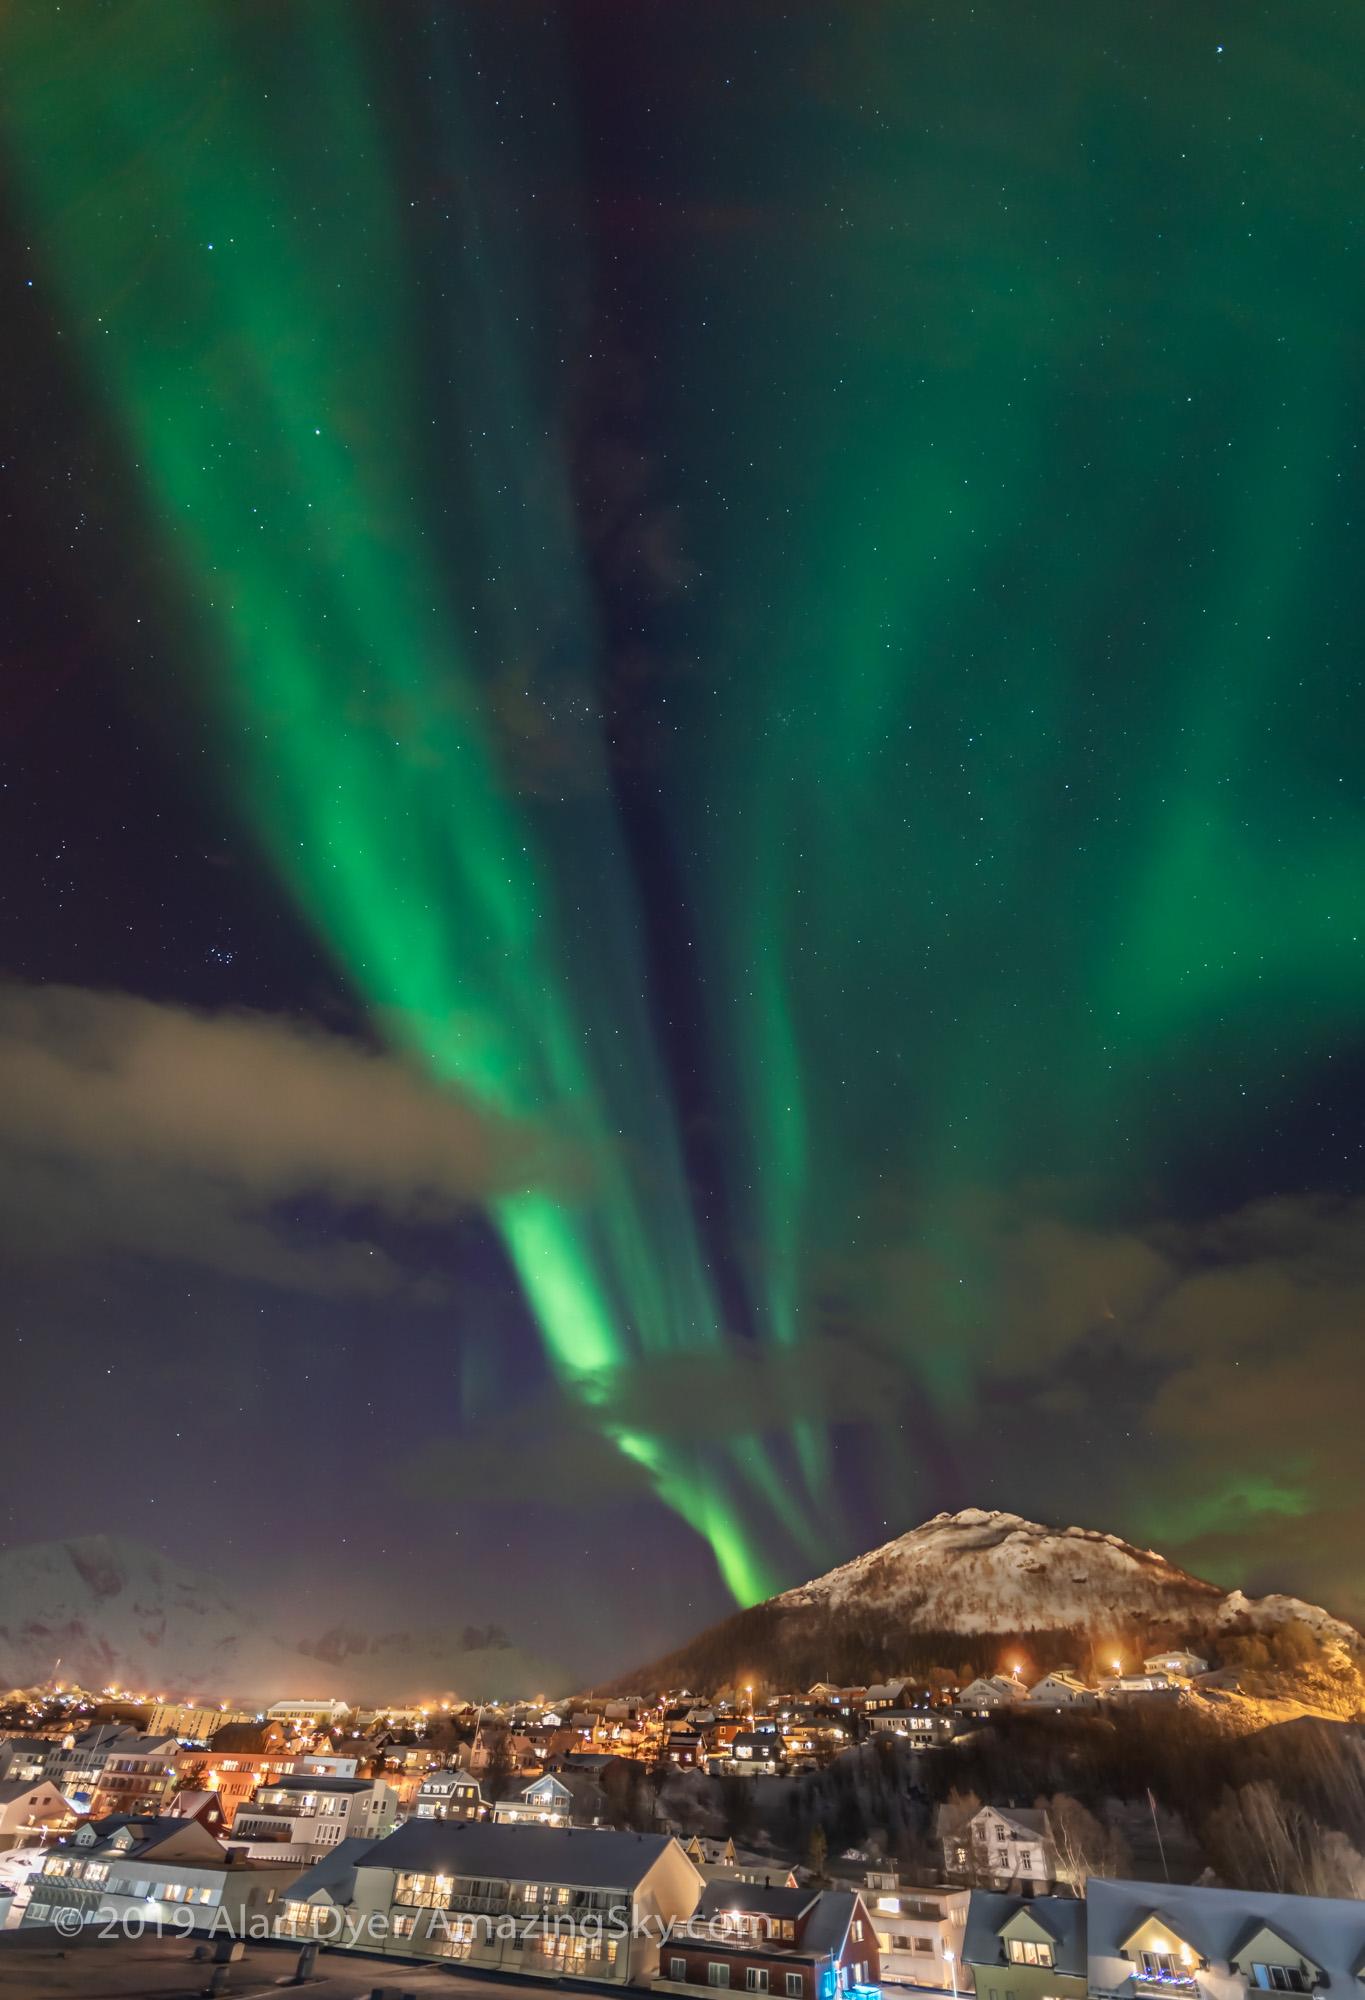 Aurora over Skjervøy, Norway